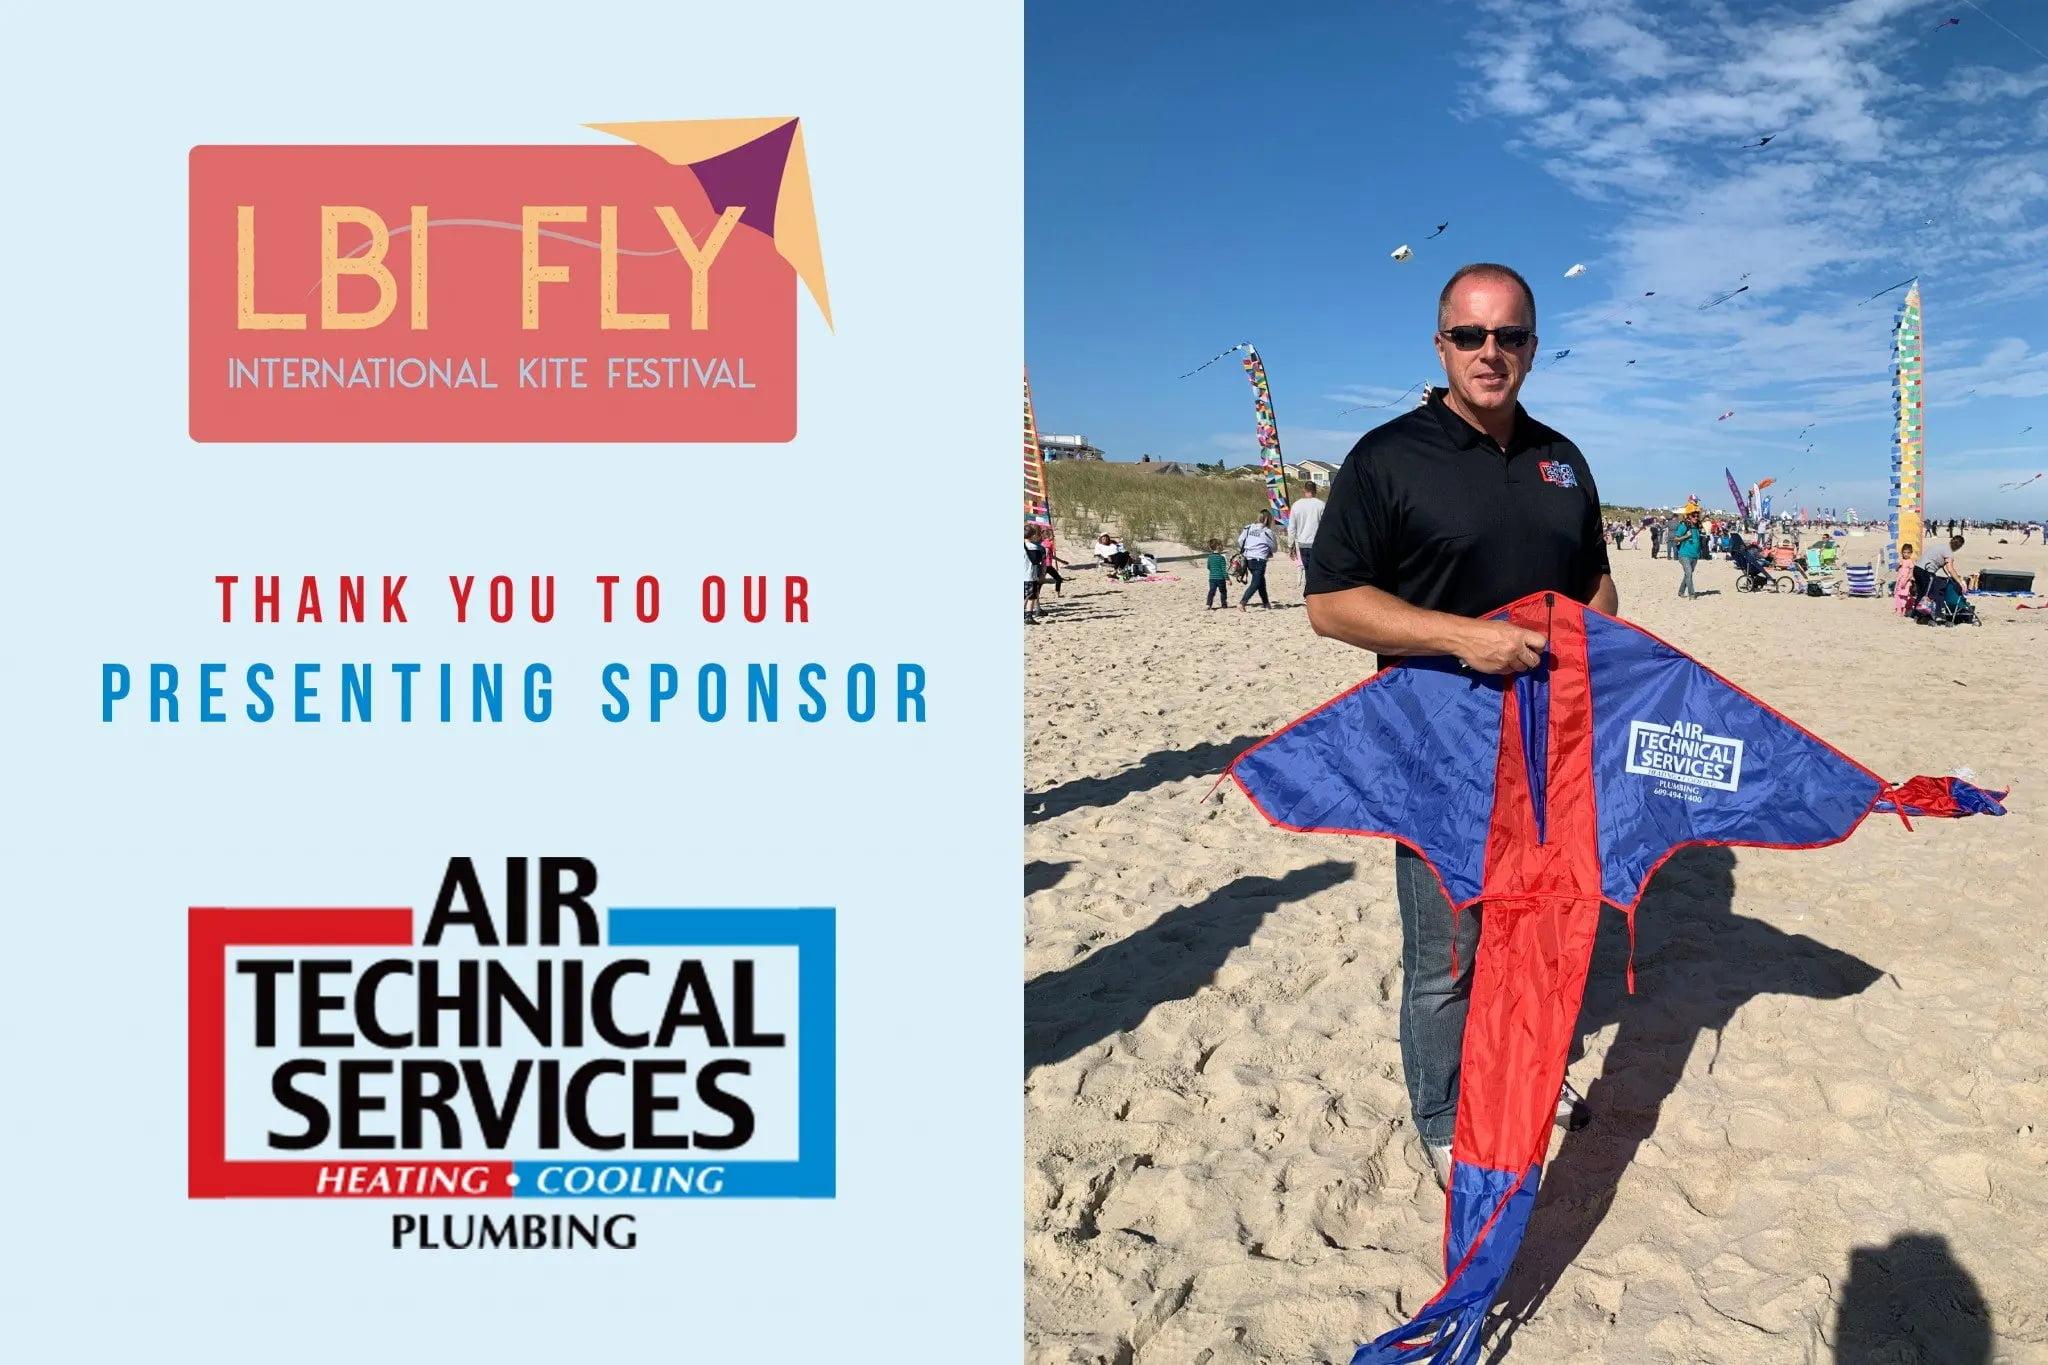 Proud Sponsor of LBI Fly International Kite Festival 2020